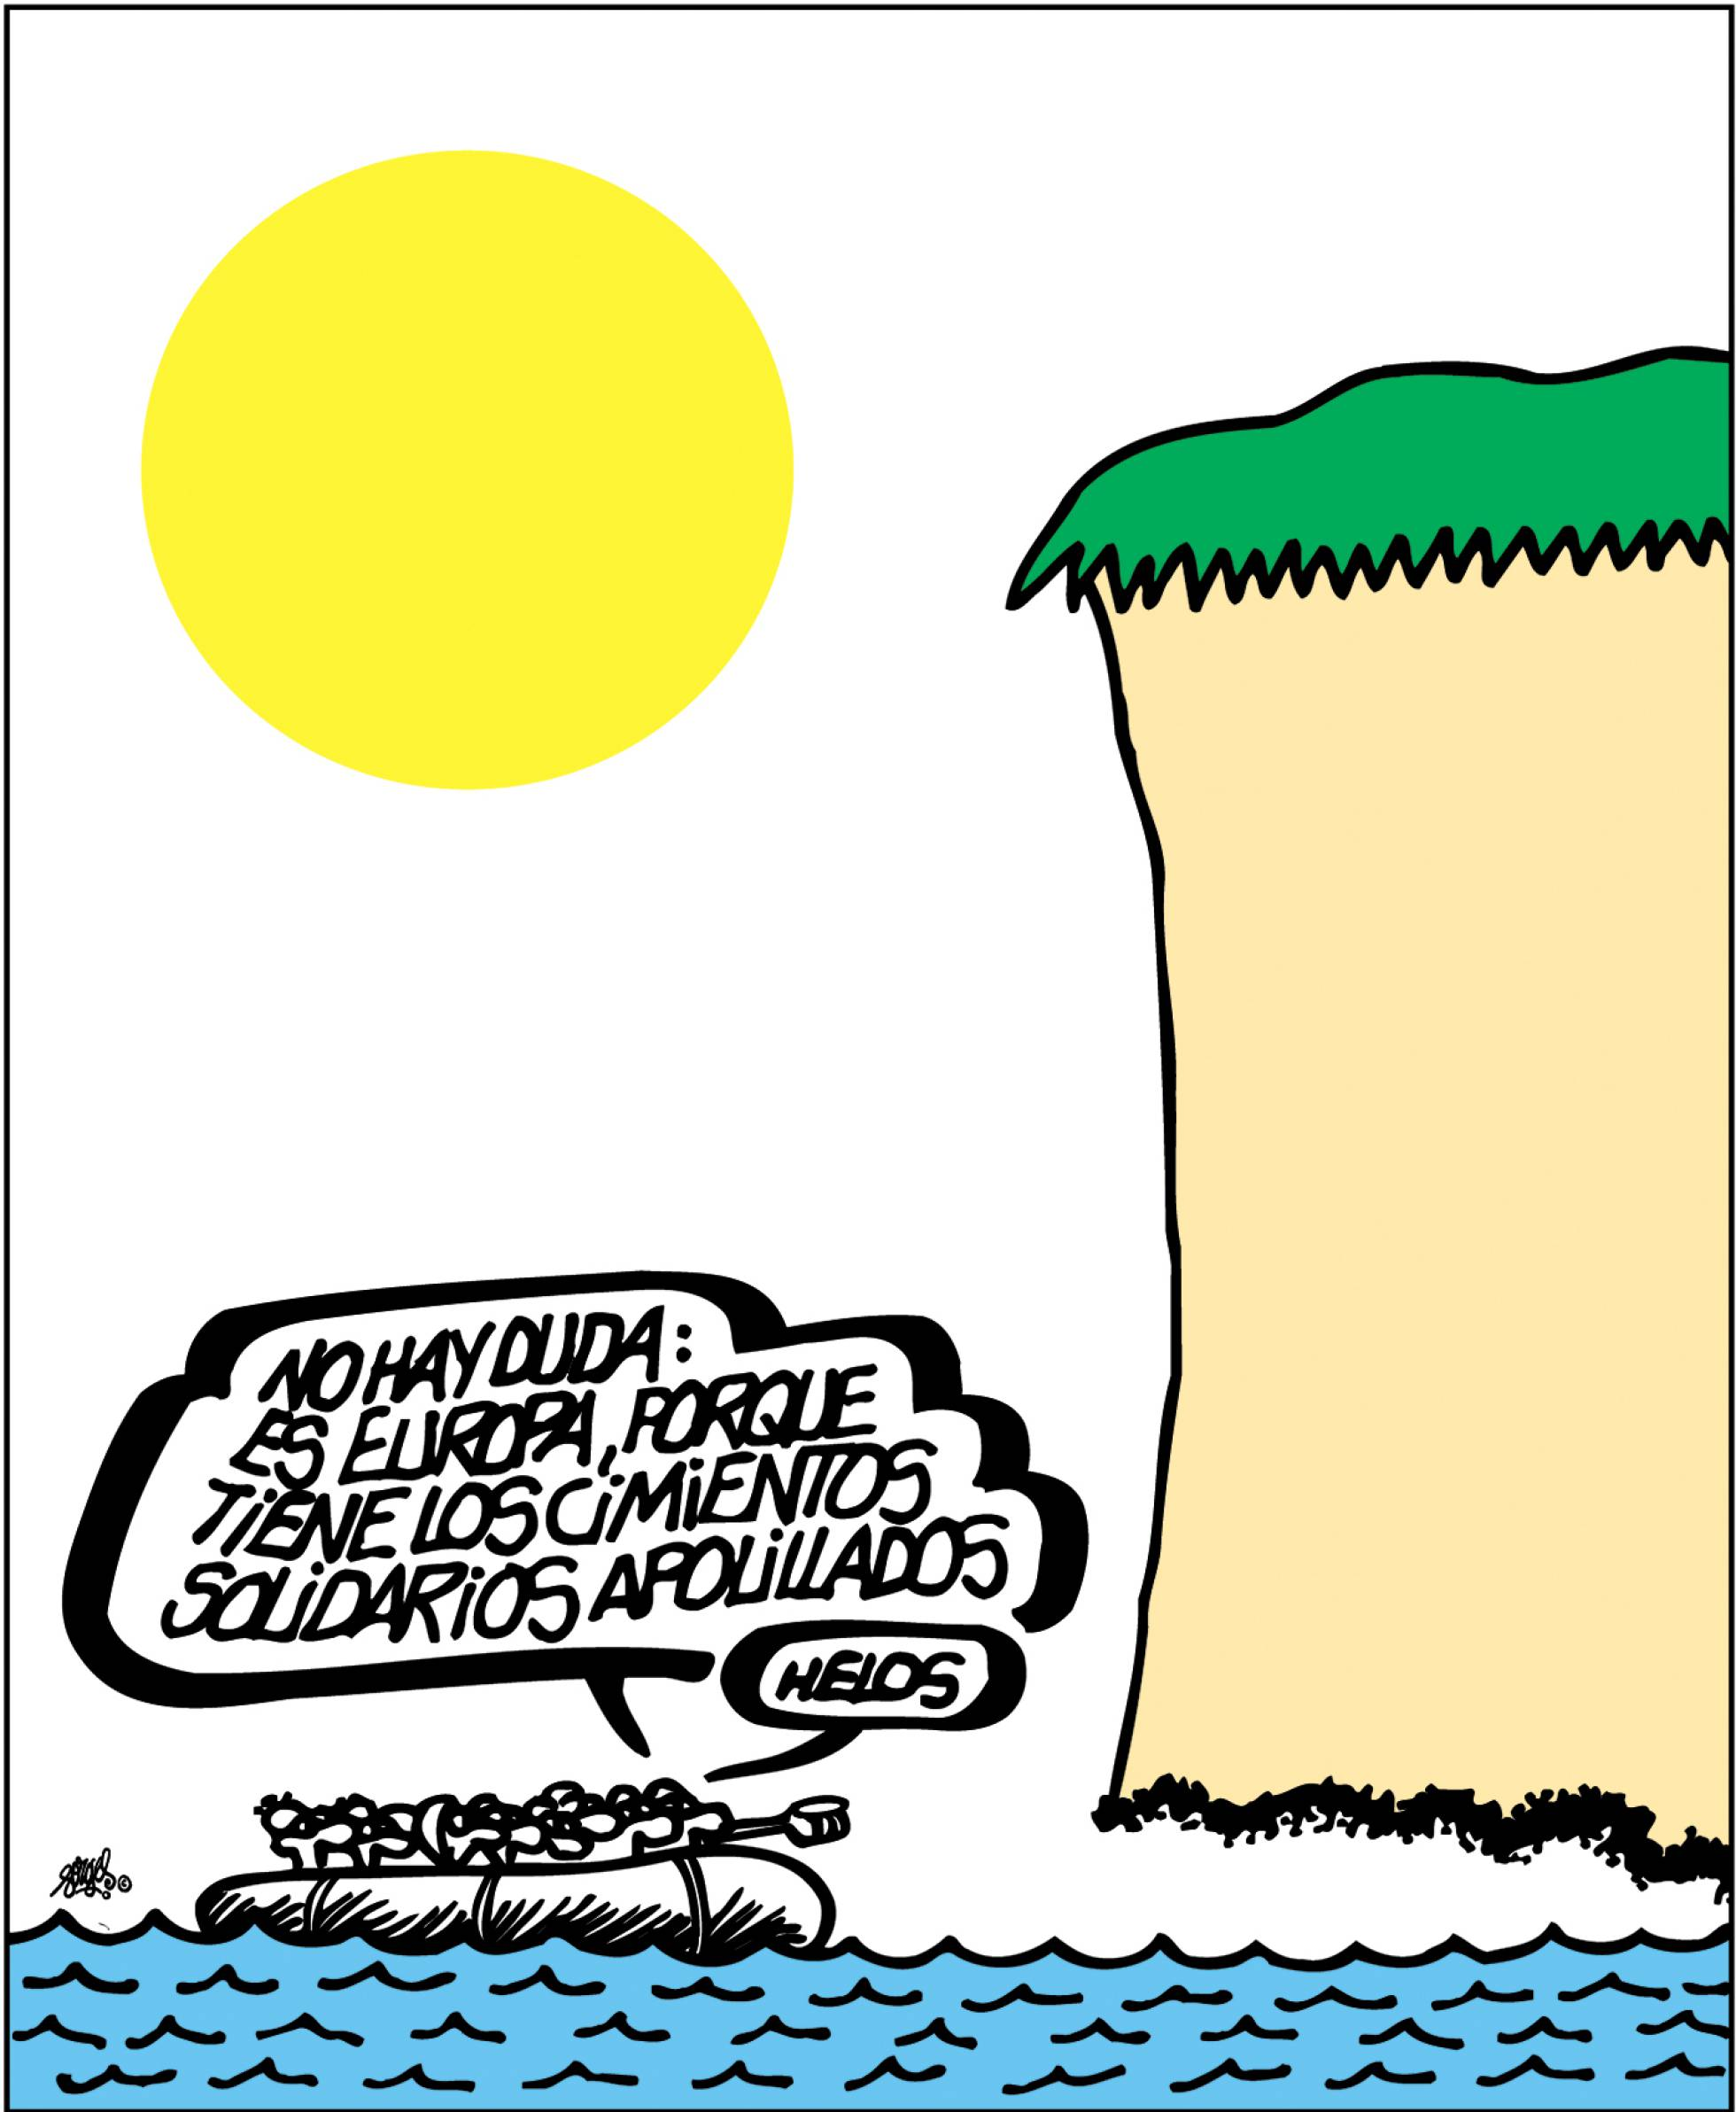 Forges: El País, 29/05/2017